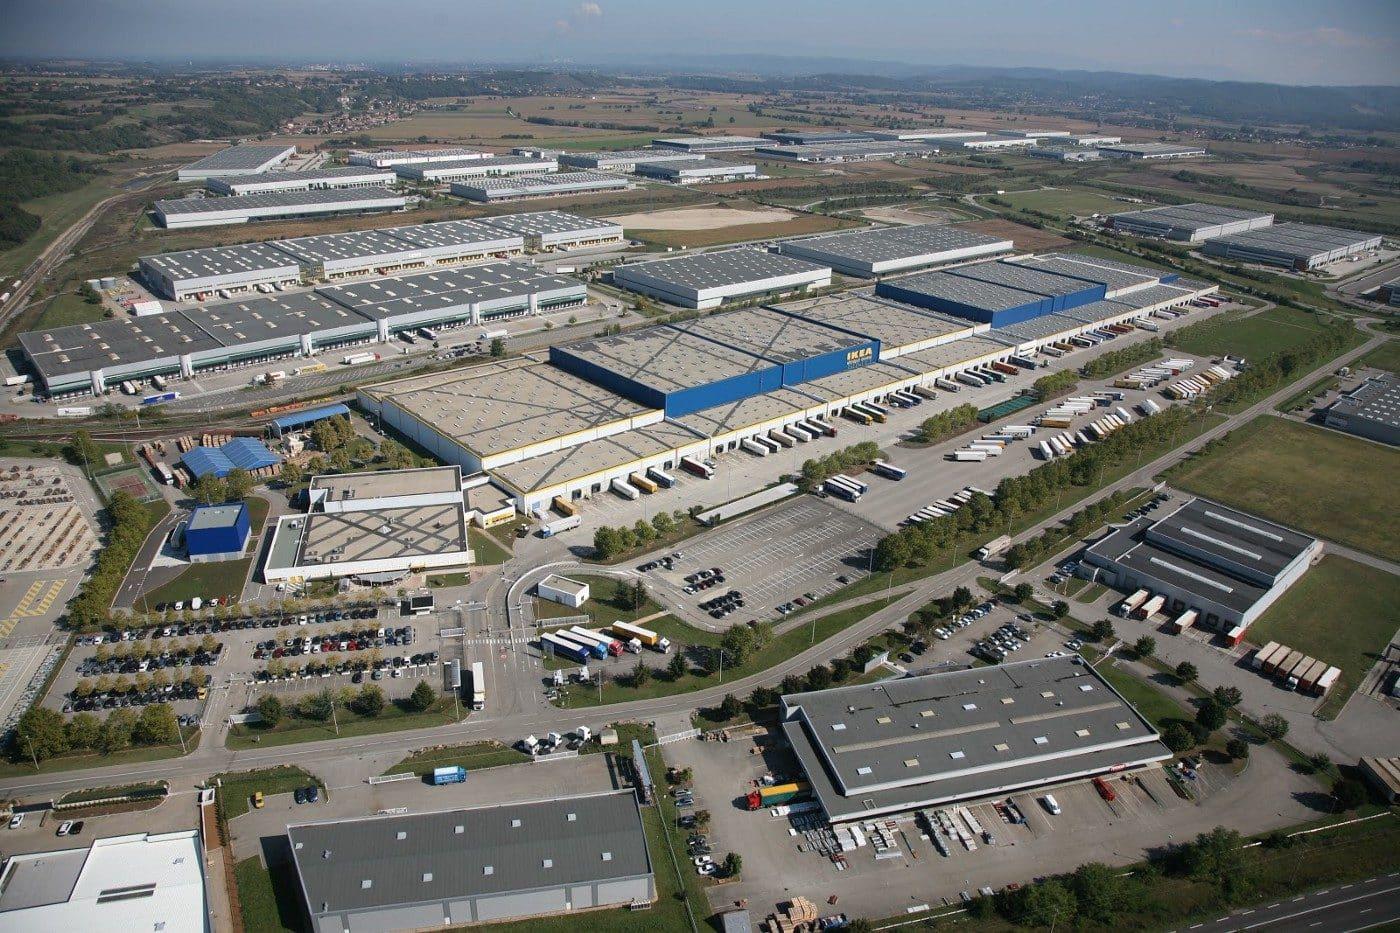 Le Parc International de Chesnes, à Saint-Quentin-Fallavier (Isère), est la première zone logistique de France et sans doute du sud de l'Europe. Ce sont aujourd'hui plus de 75 % des marchandises alimentaires qui transitent par des entrepôts nationaux ou régionaux. Source : Ritzenthaler A. (2016) Les circuits de distribution des produits alimentaires. Avis du CESE. Crédits : © CAPI — ULM38.